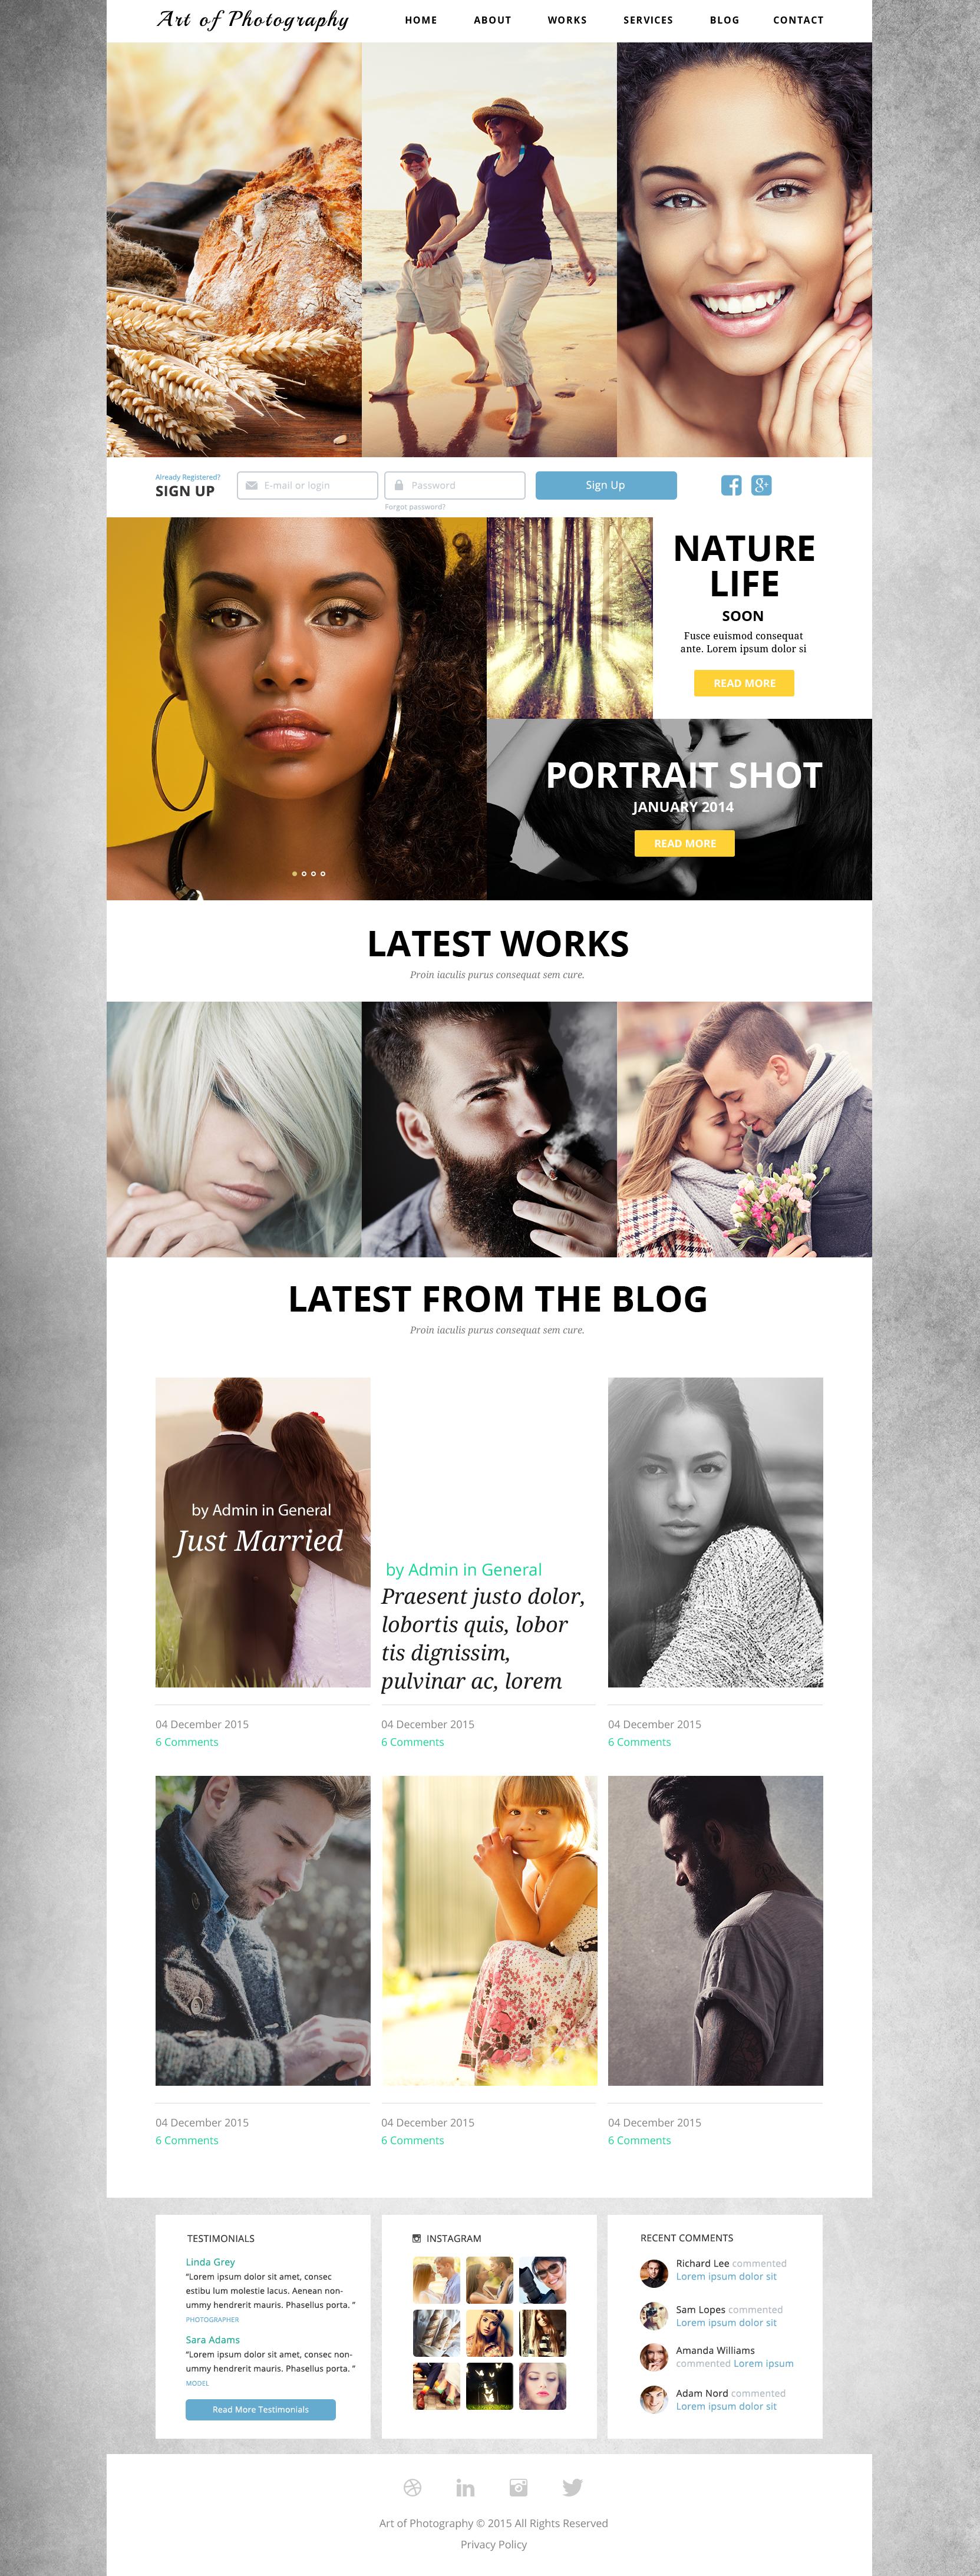 Online Photo Exhibition Joomla Template - screenshot